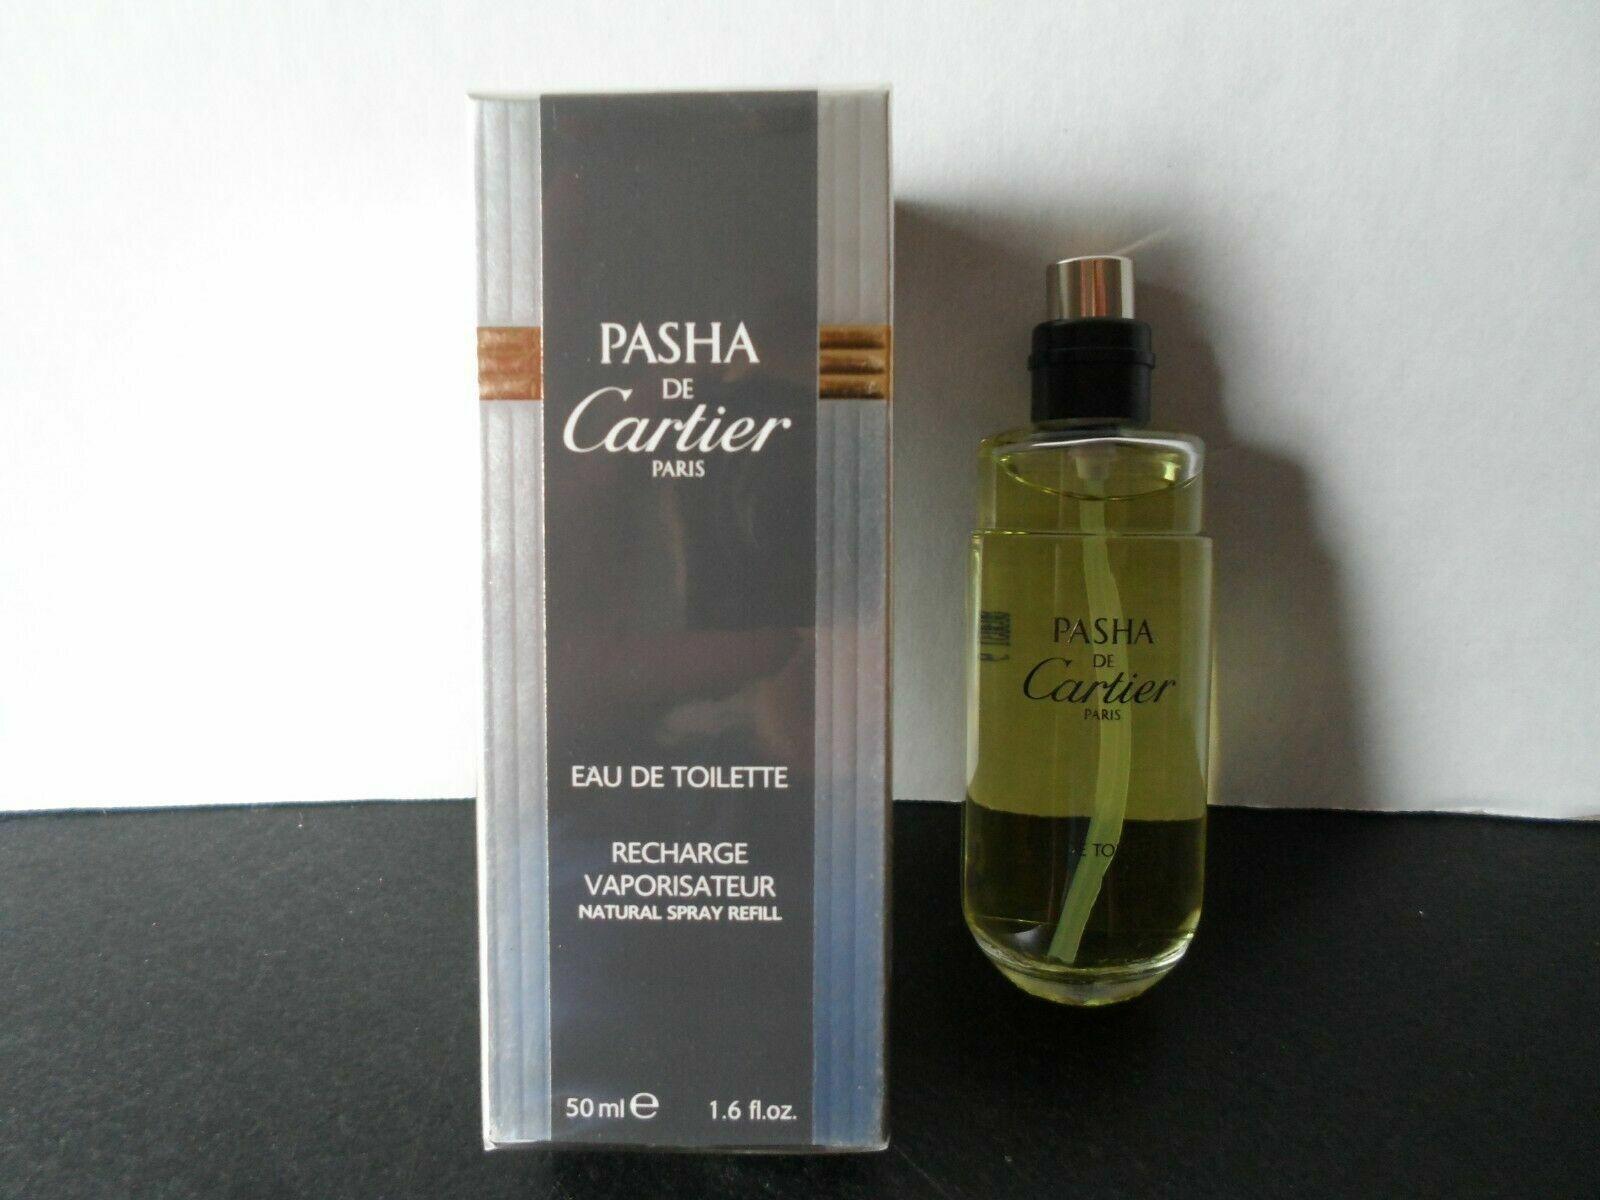 OzVintage Refill Spray Cartier Edt 1 Pasha De 6 Ifg7Y6yvb